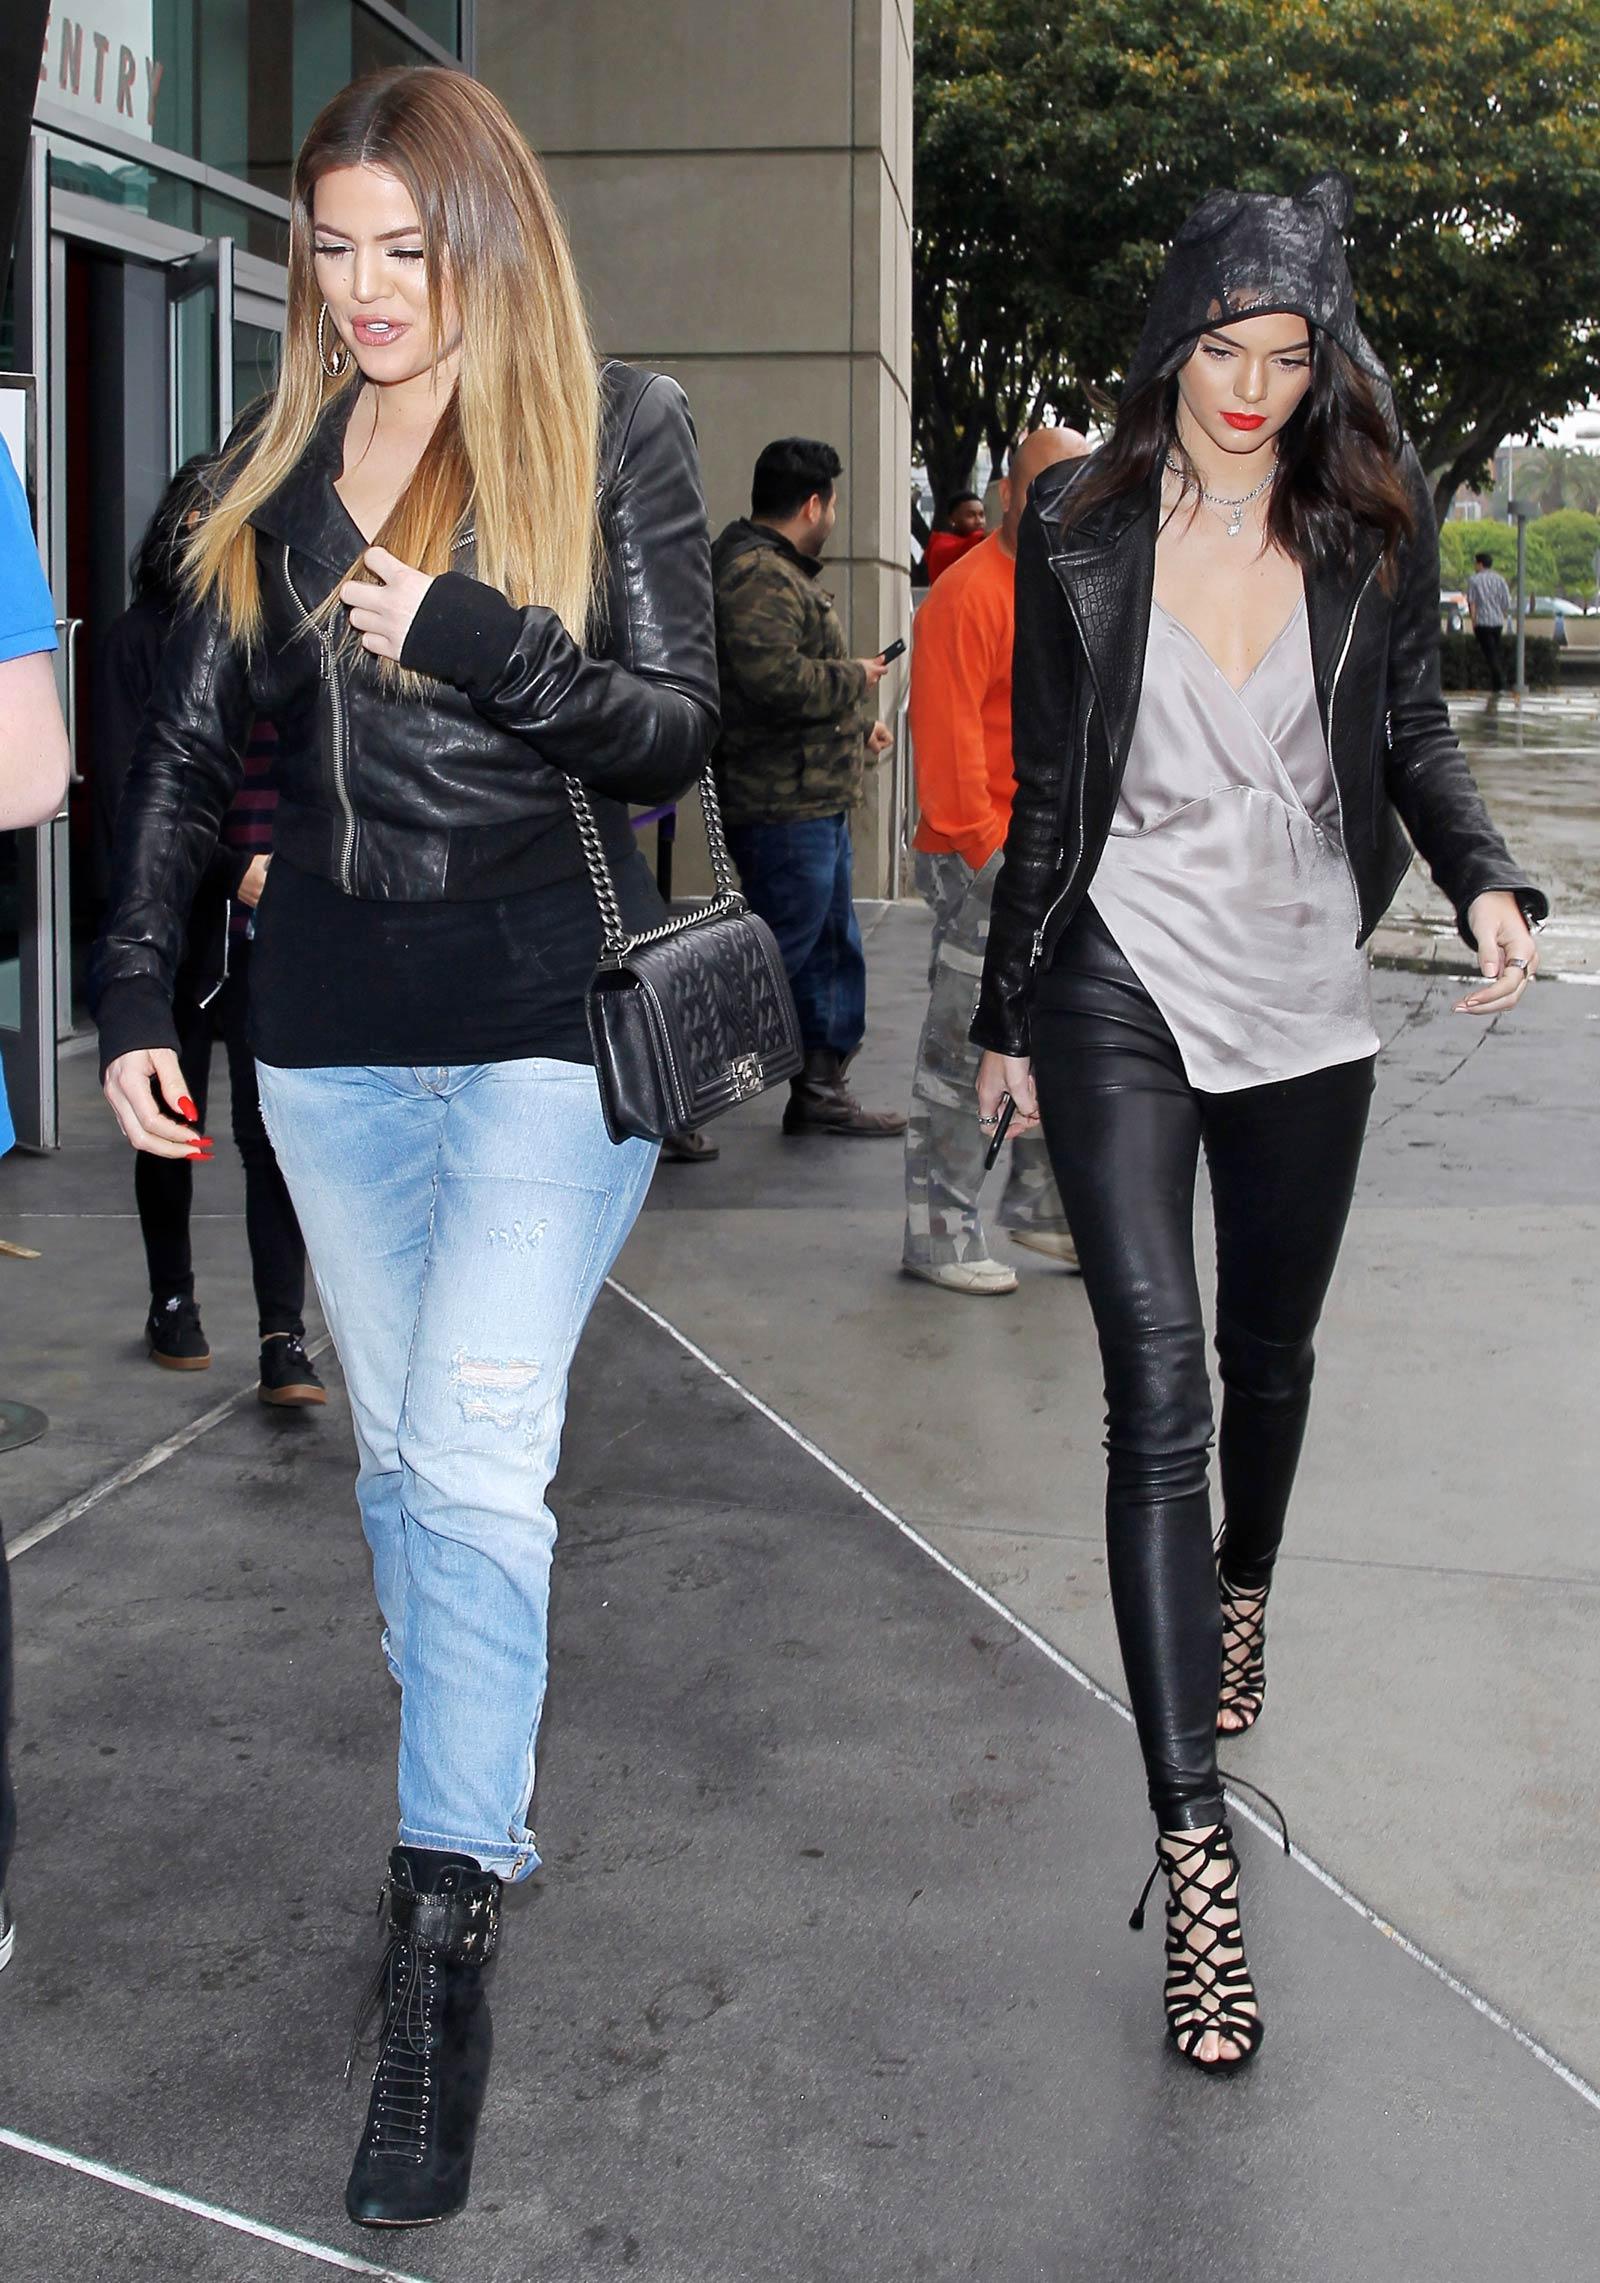 Kendall Jenner & Khloe Kardashian leave the Staples Center